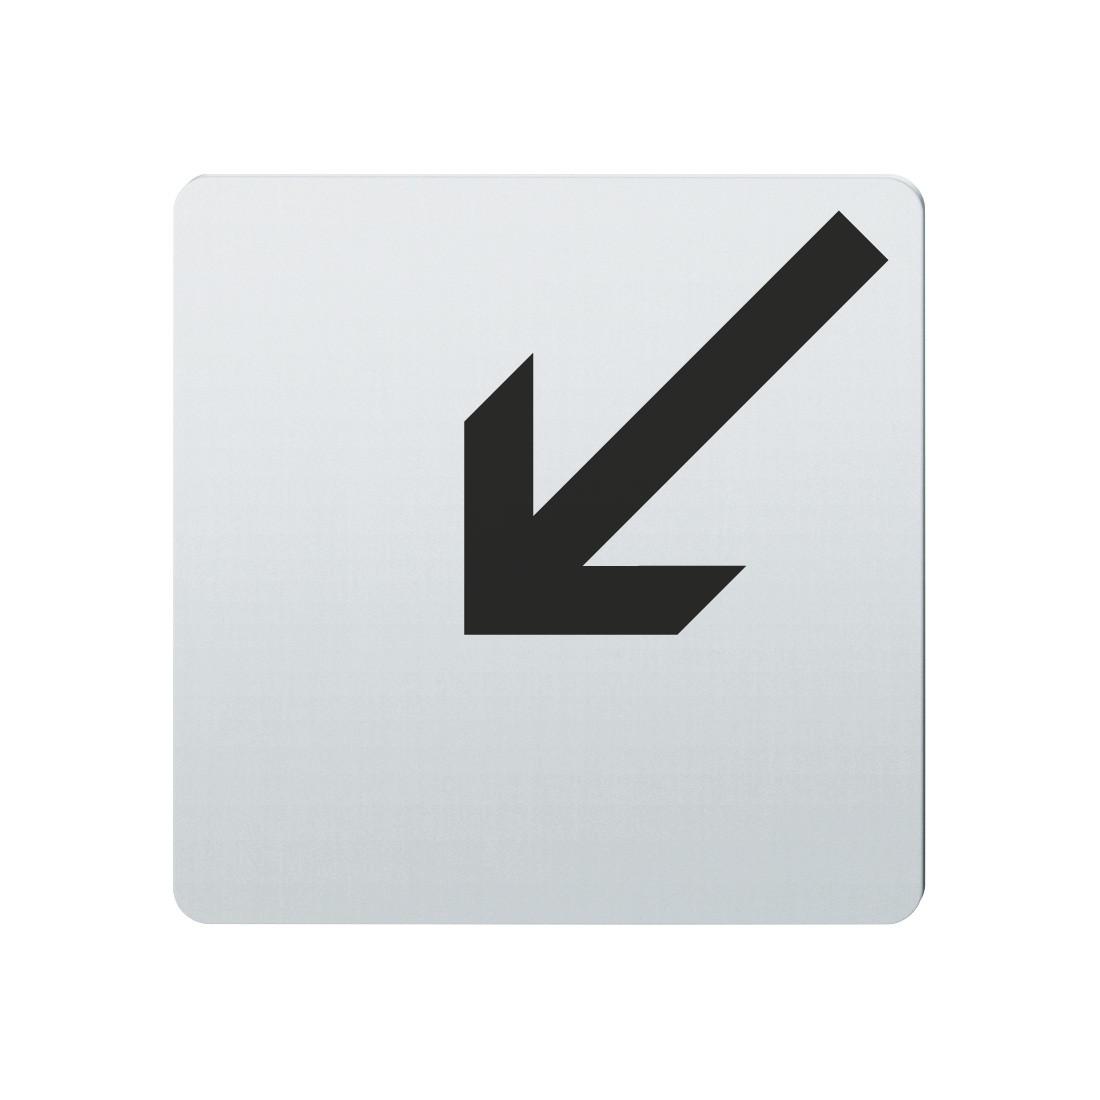 FSB Hinweiszeichen Pfeil nach links unten Lasergraviert Edelstahl fein matt (0 36 4059 00005 6204)